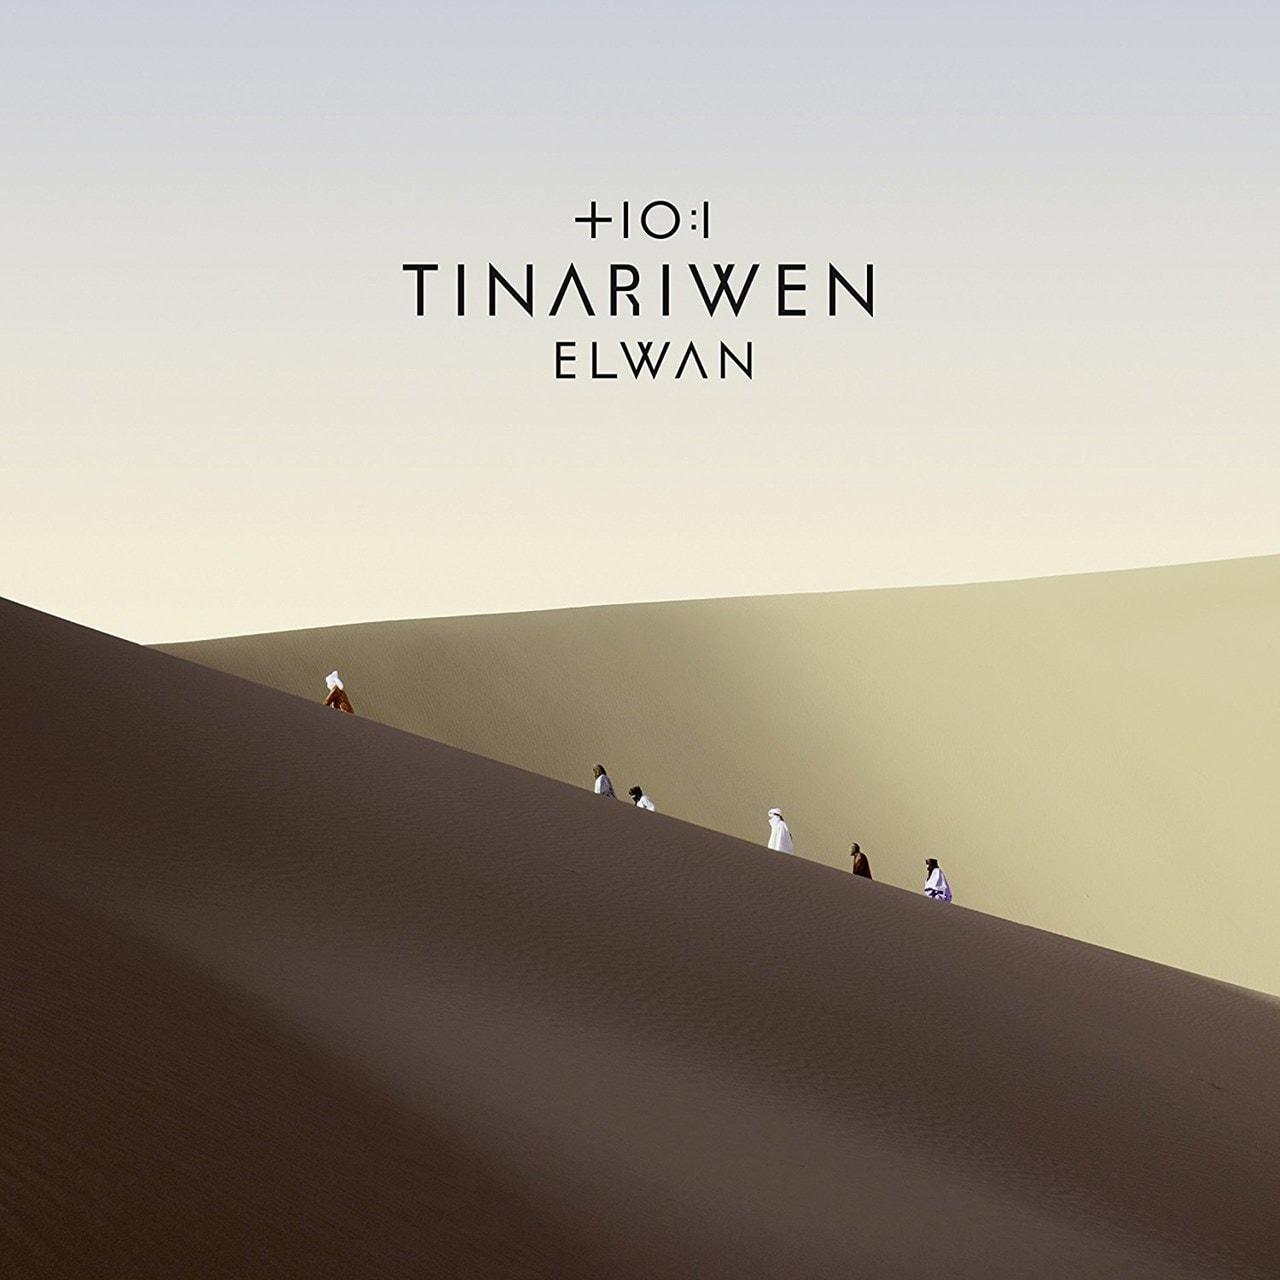 Elwan - 1